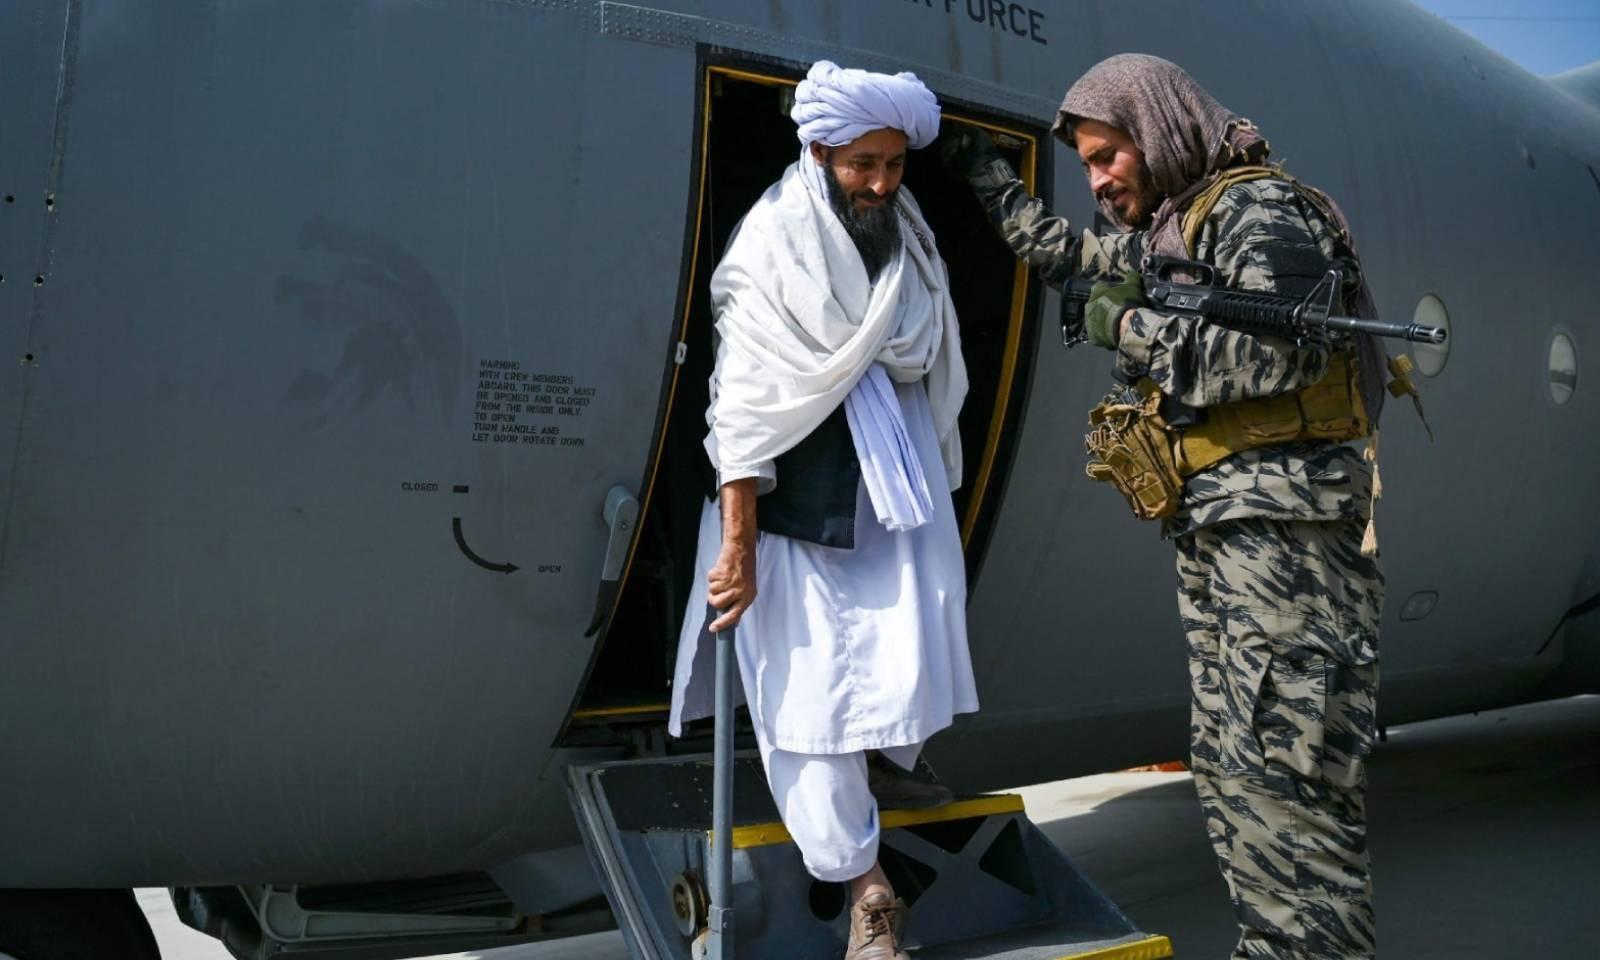 طالبان کا ایک رکن افغان ایئرفورس کے طیارے میں کابل پہنچا — فوٹو: اے ایف پی